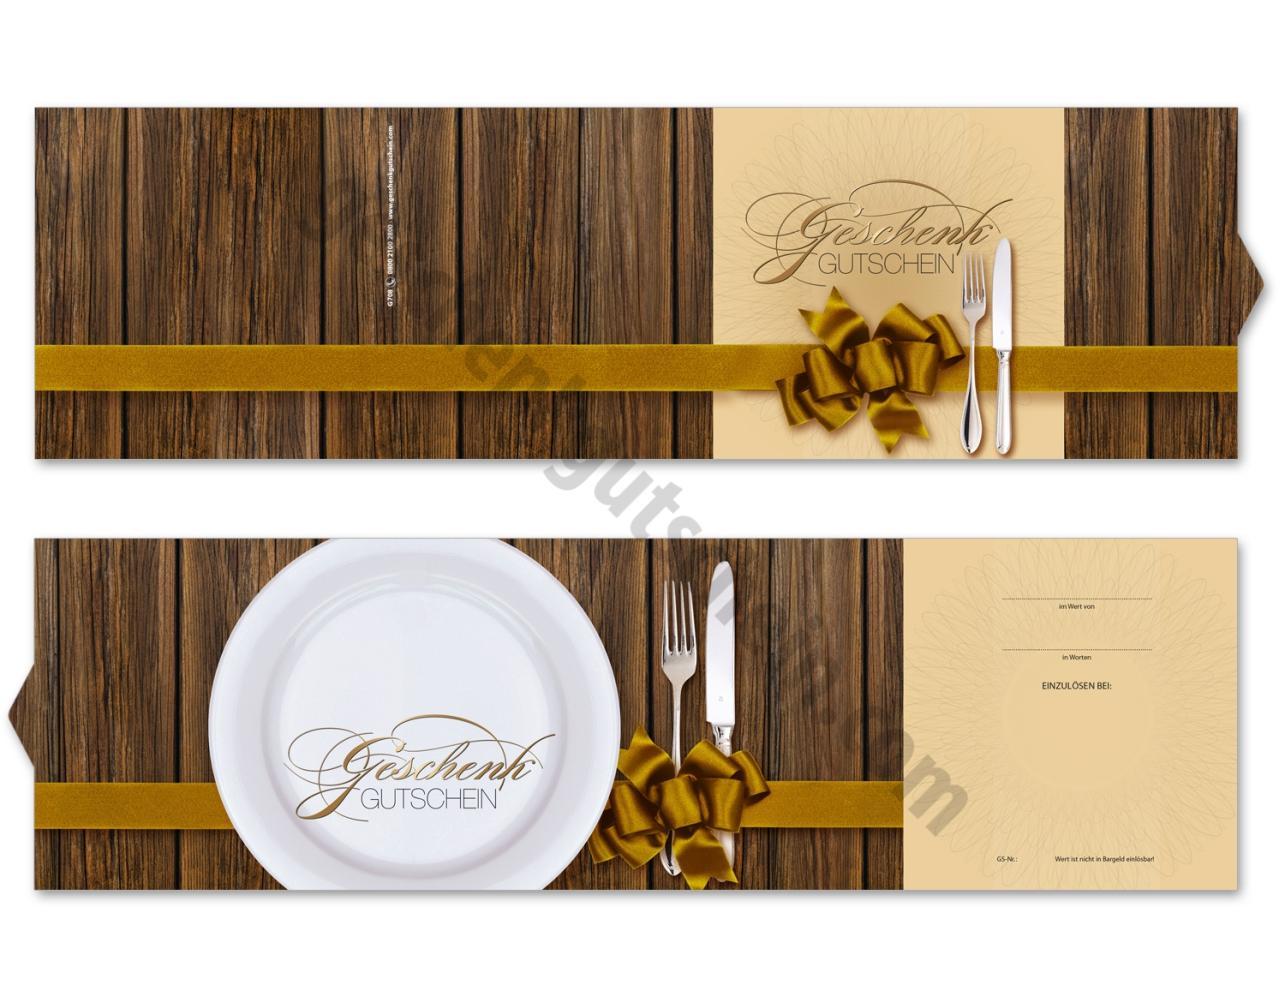 50 Stück Geschenkgutscheine für Gastronomie Gutscheine Restaurant